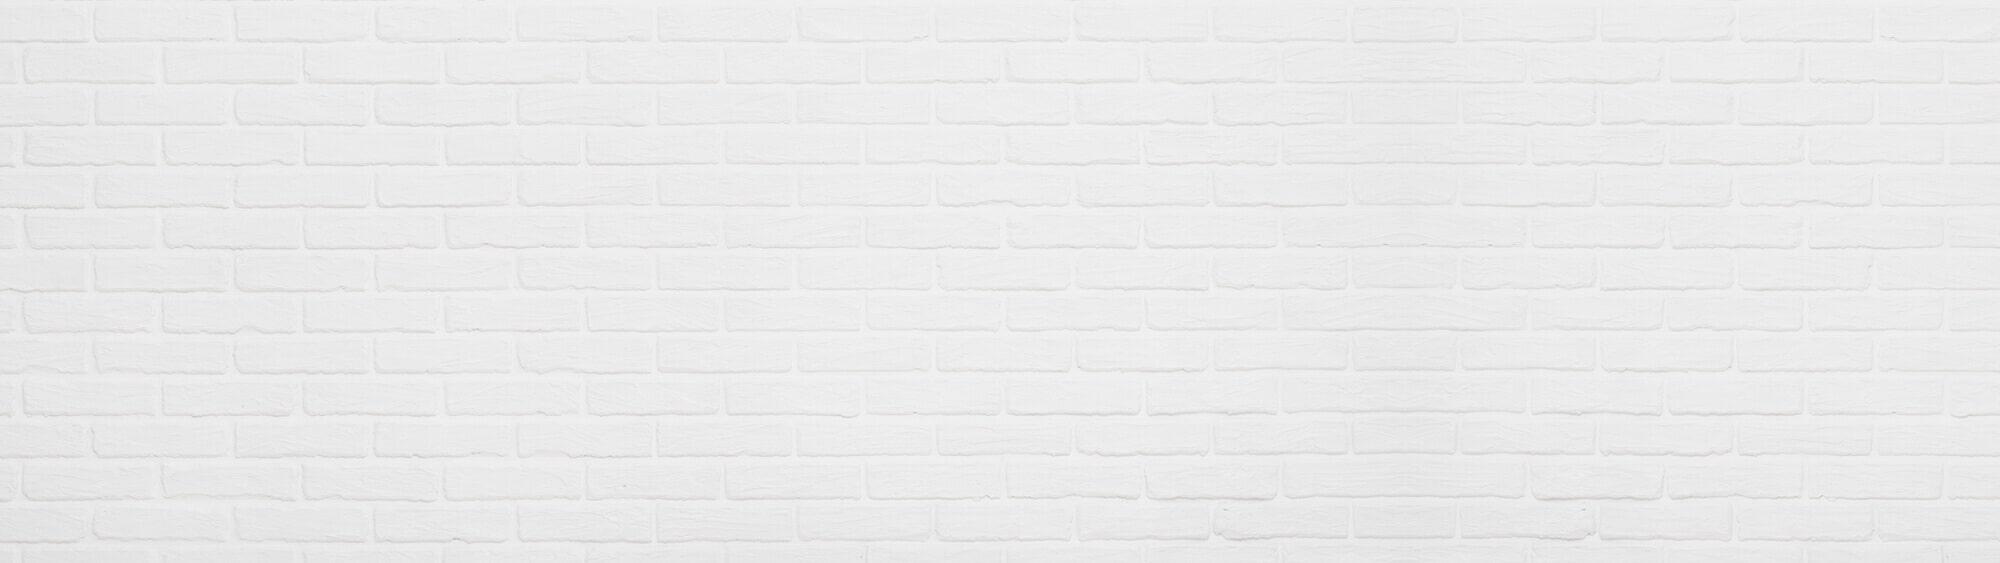 brick-pattern-bg